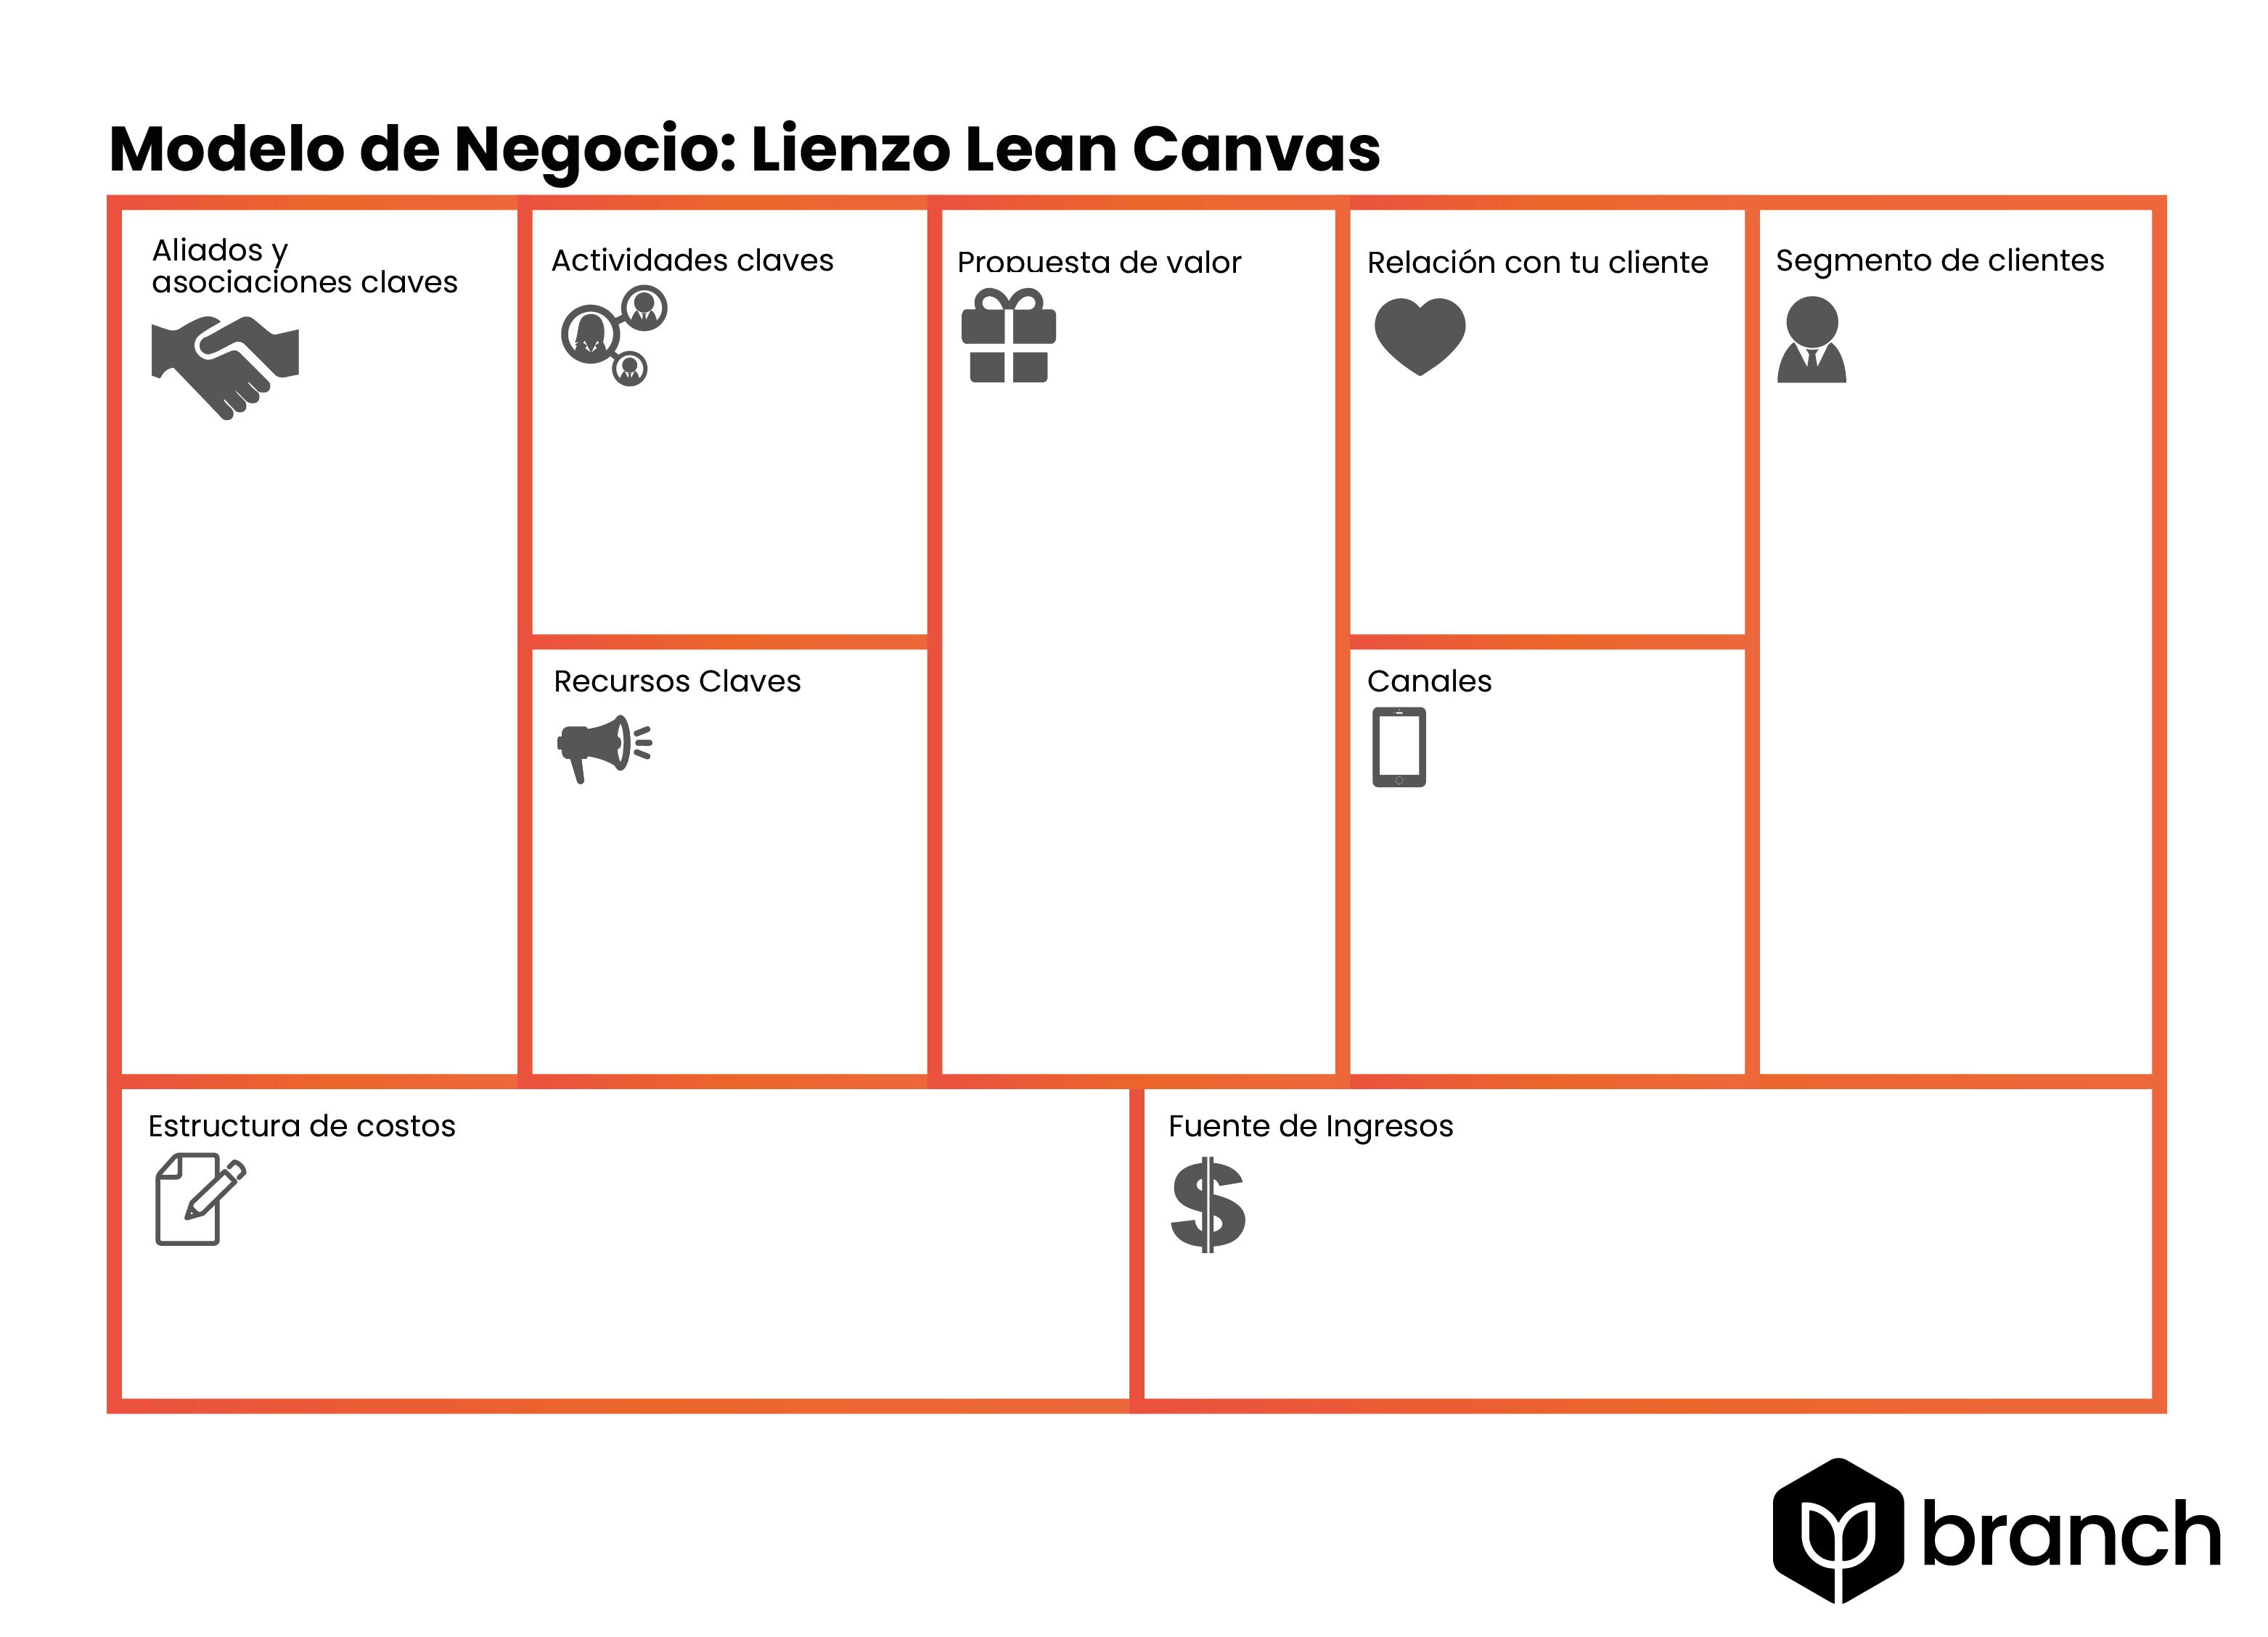 lienzo-lean-canvas